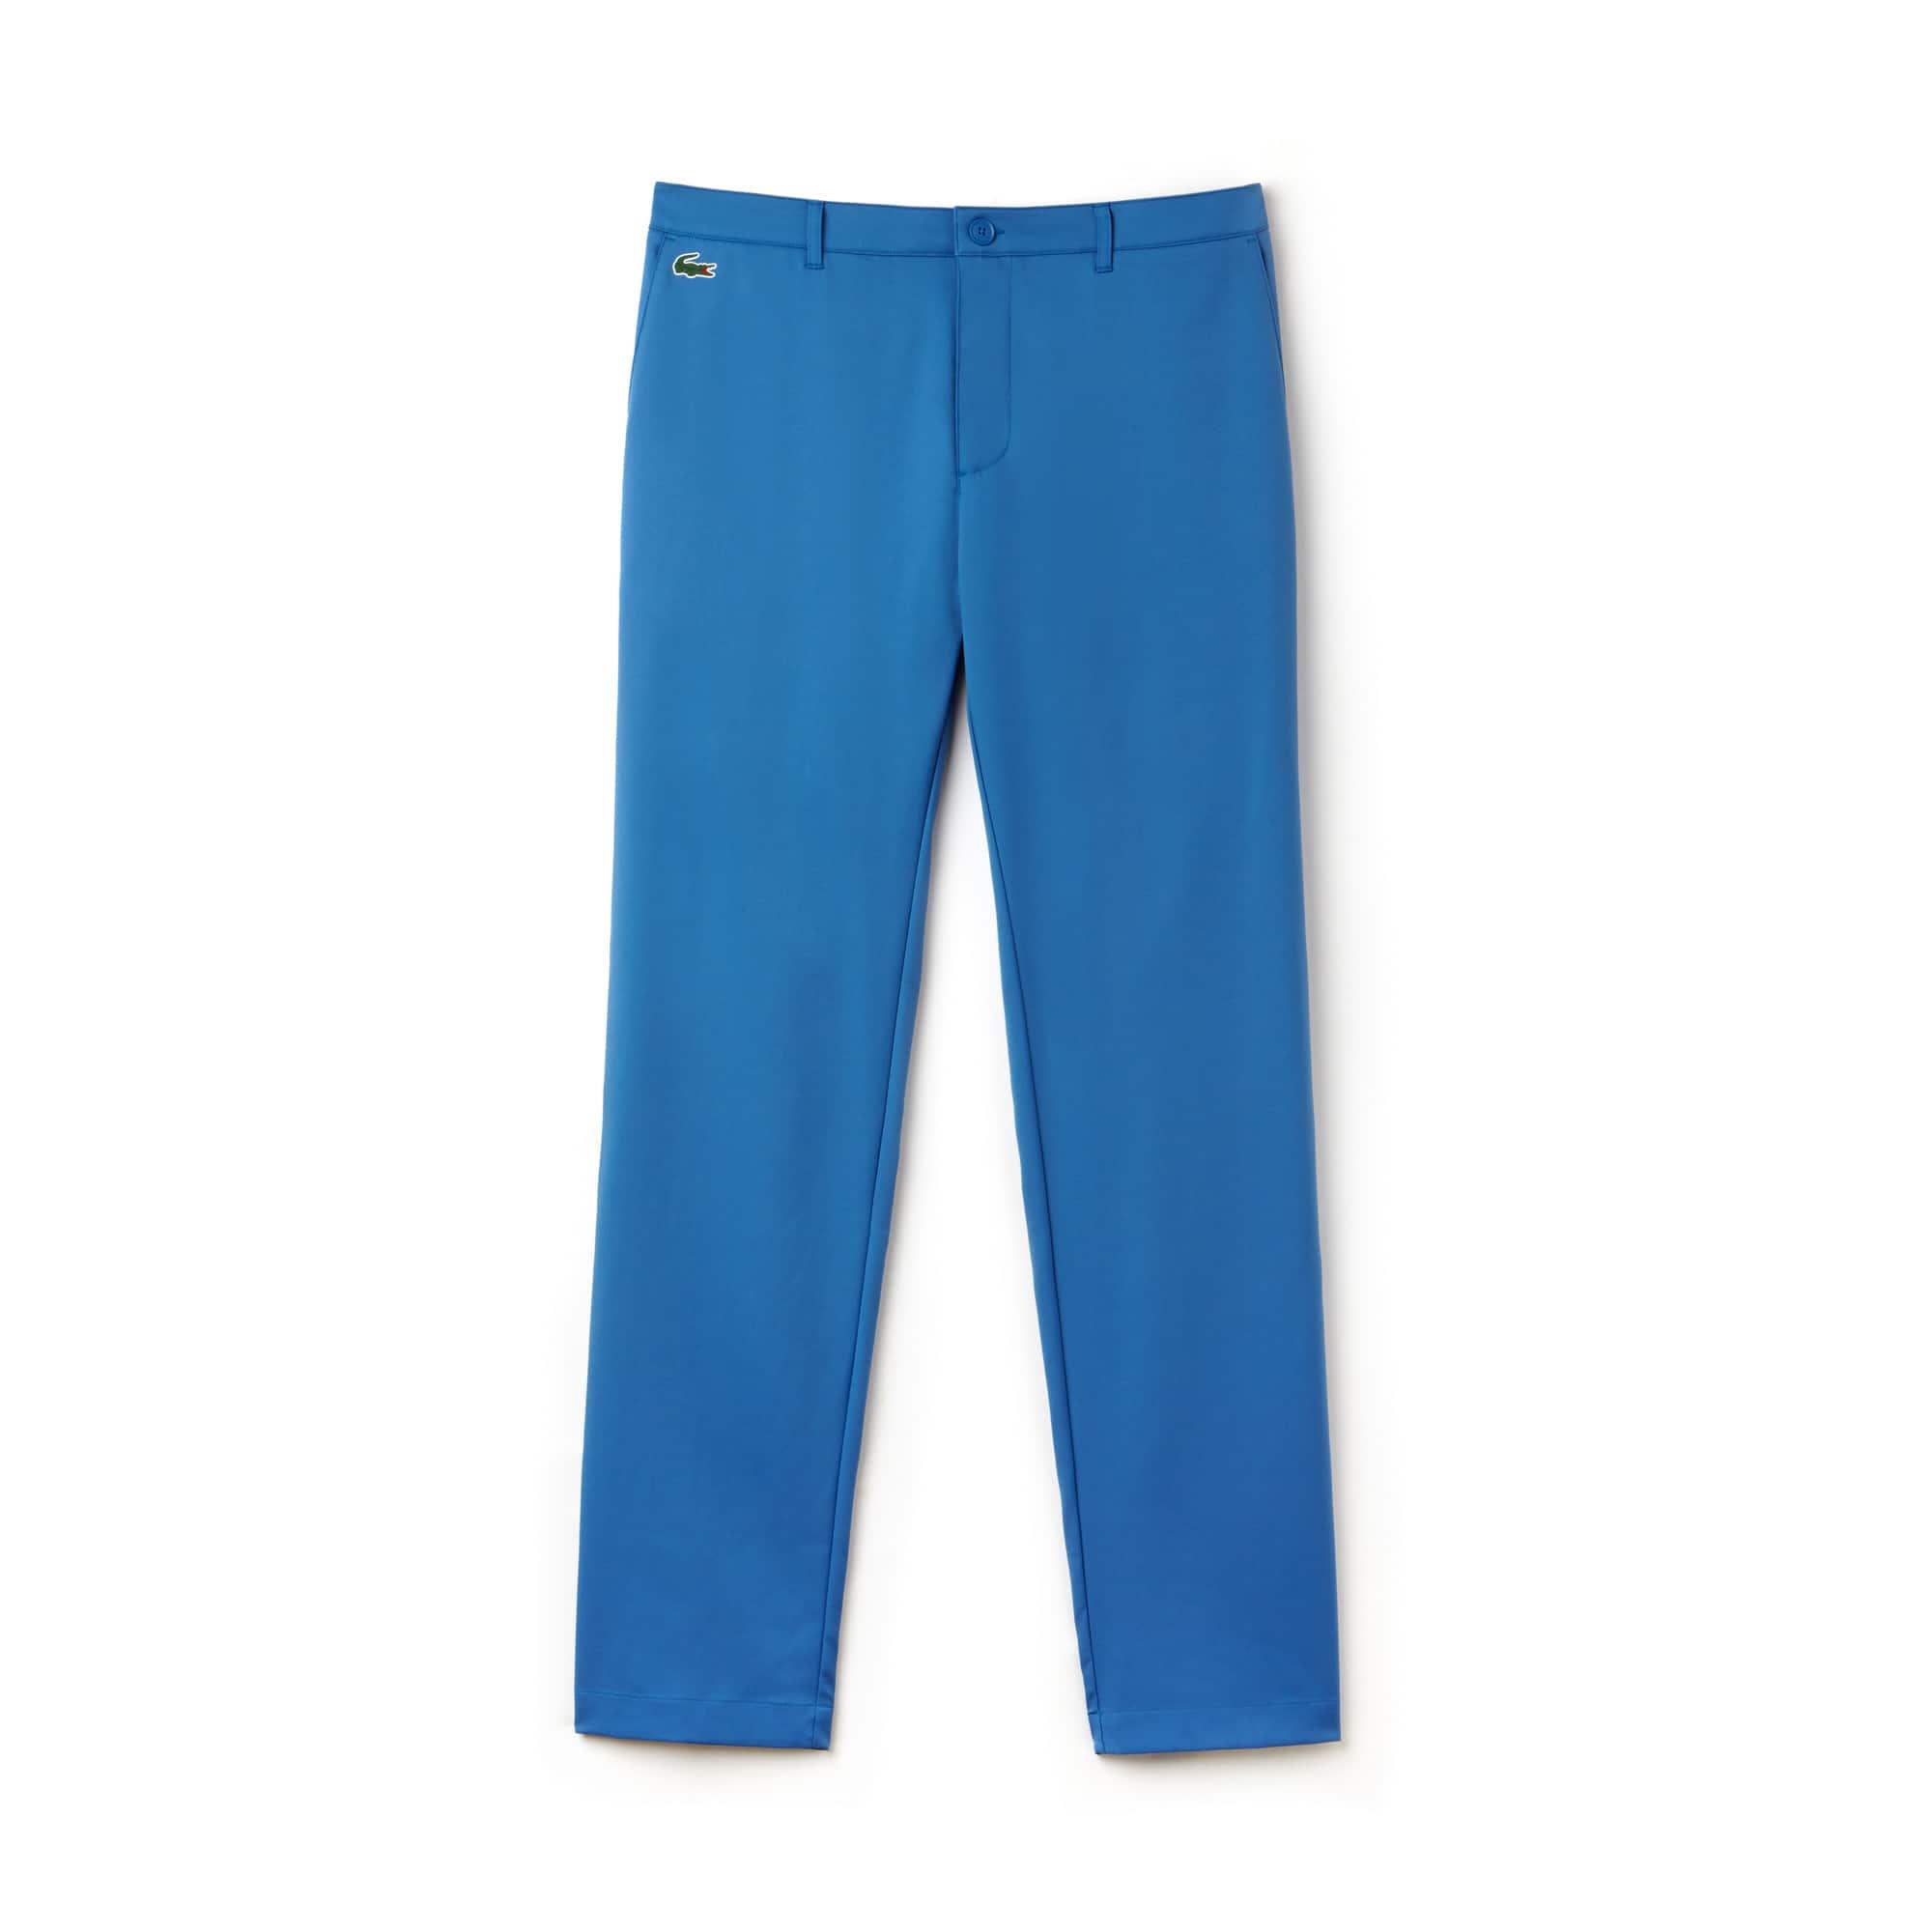 라코스테 스포츠 바지 Lacoste Mens SPORT Technical Golf Pants,medway